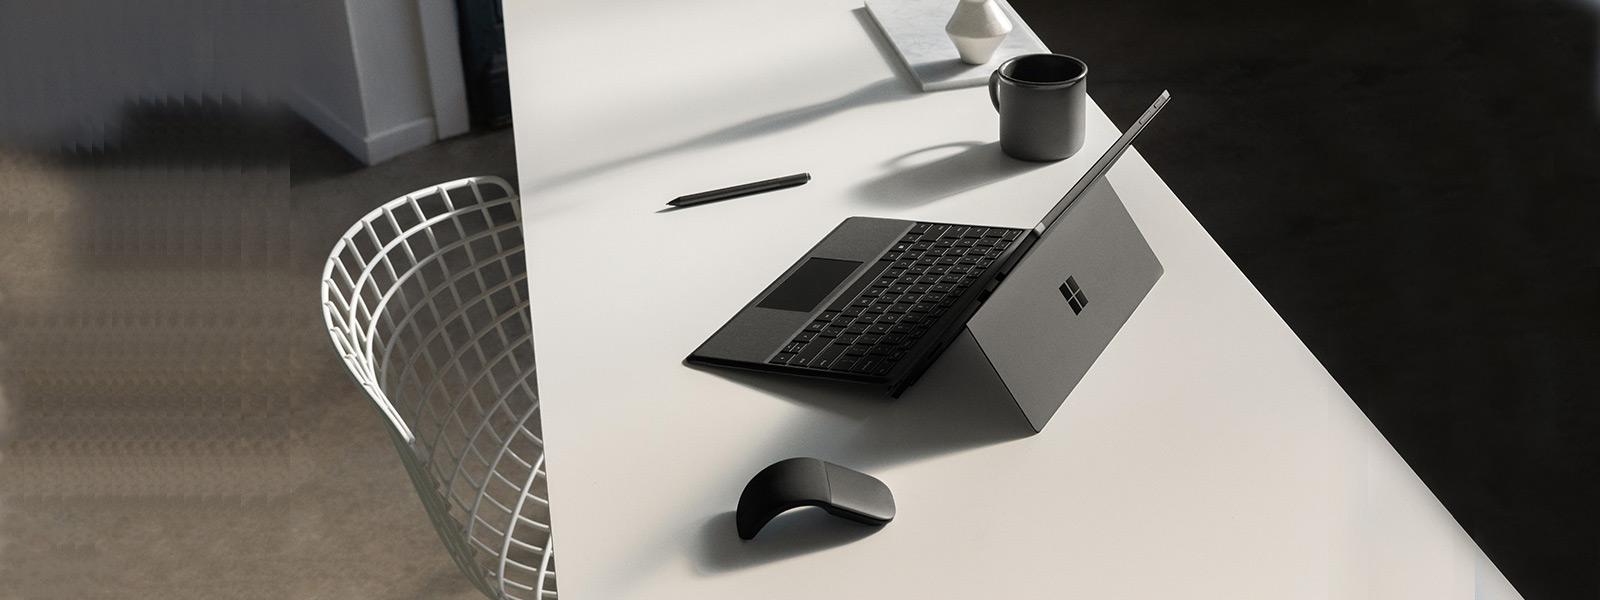 桌上放著筆記型電腦模式的 Surface Pro 6 與 Surface Pro 實體鍵盤保護蓋、Surface 手寫筆和 Surface Arc Mouse